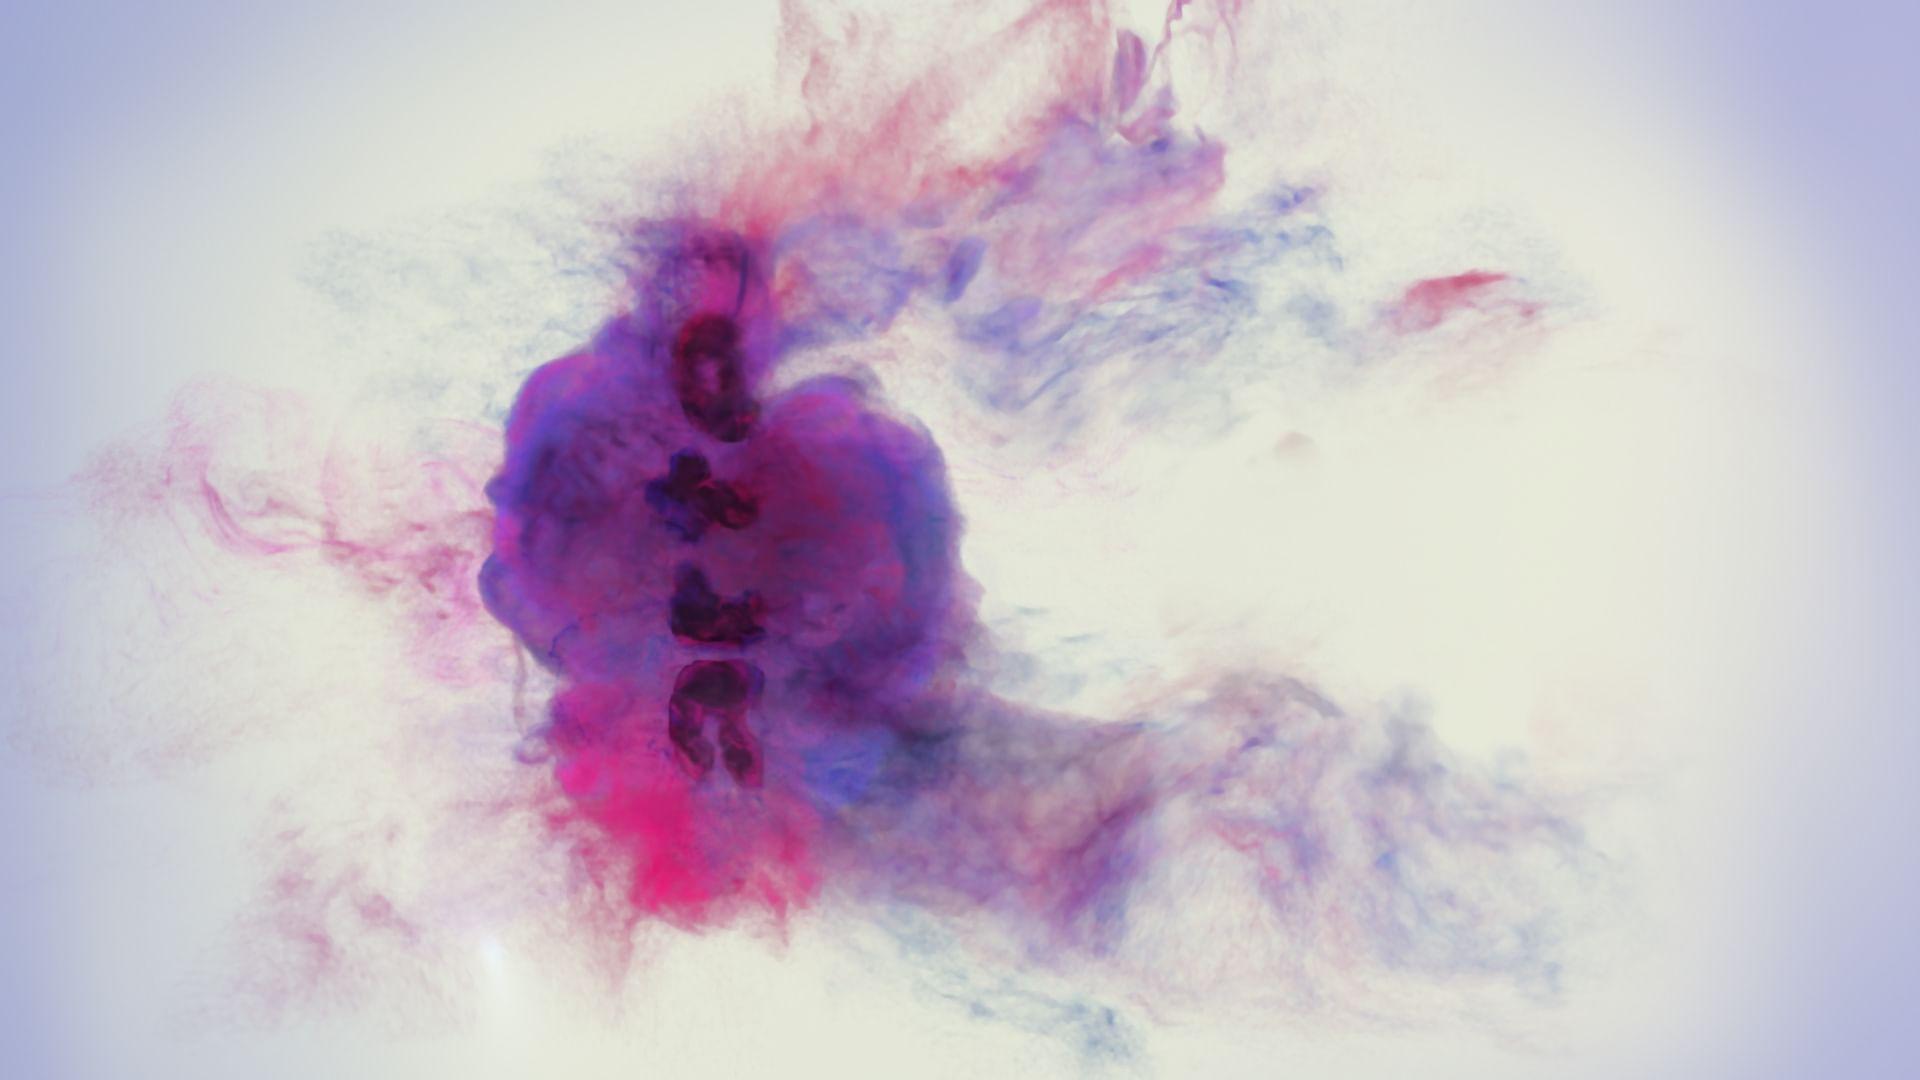 Fashion Geek - Bio-Inspiration